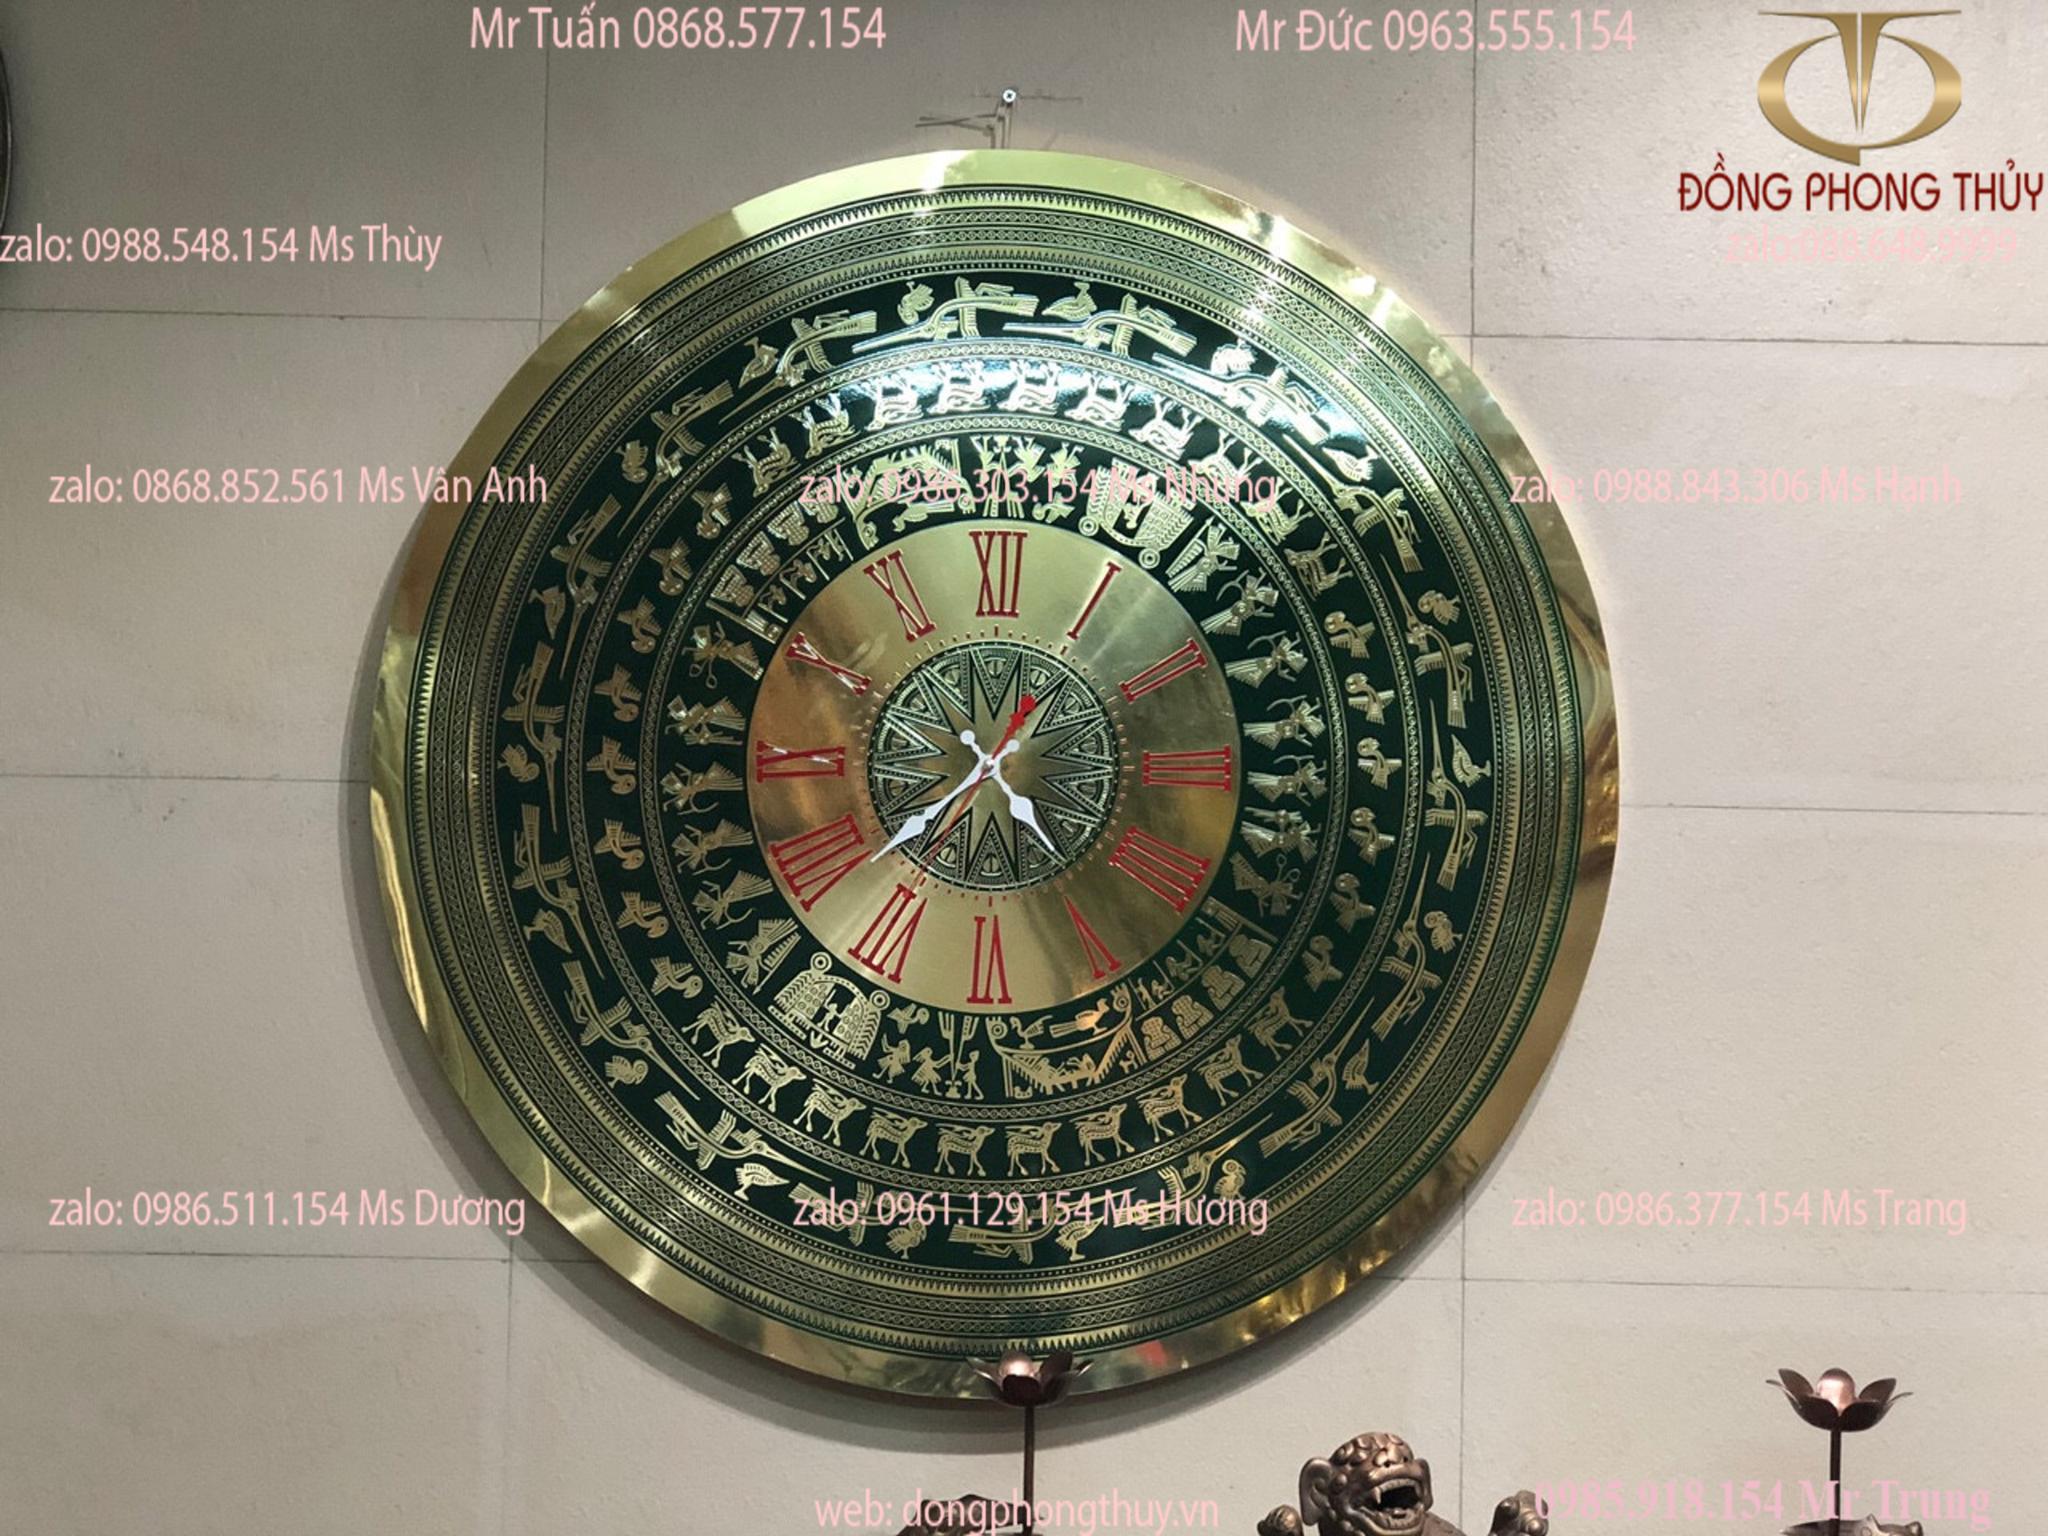 Đồng hồ Mặt trống đồng Đông Sơn 80cm nền xanh số La Mã